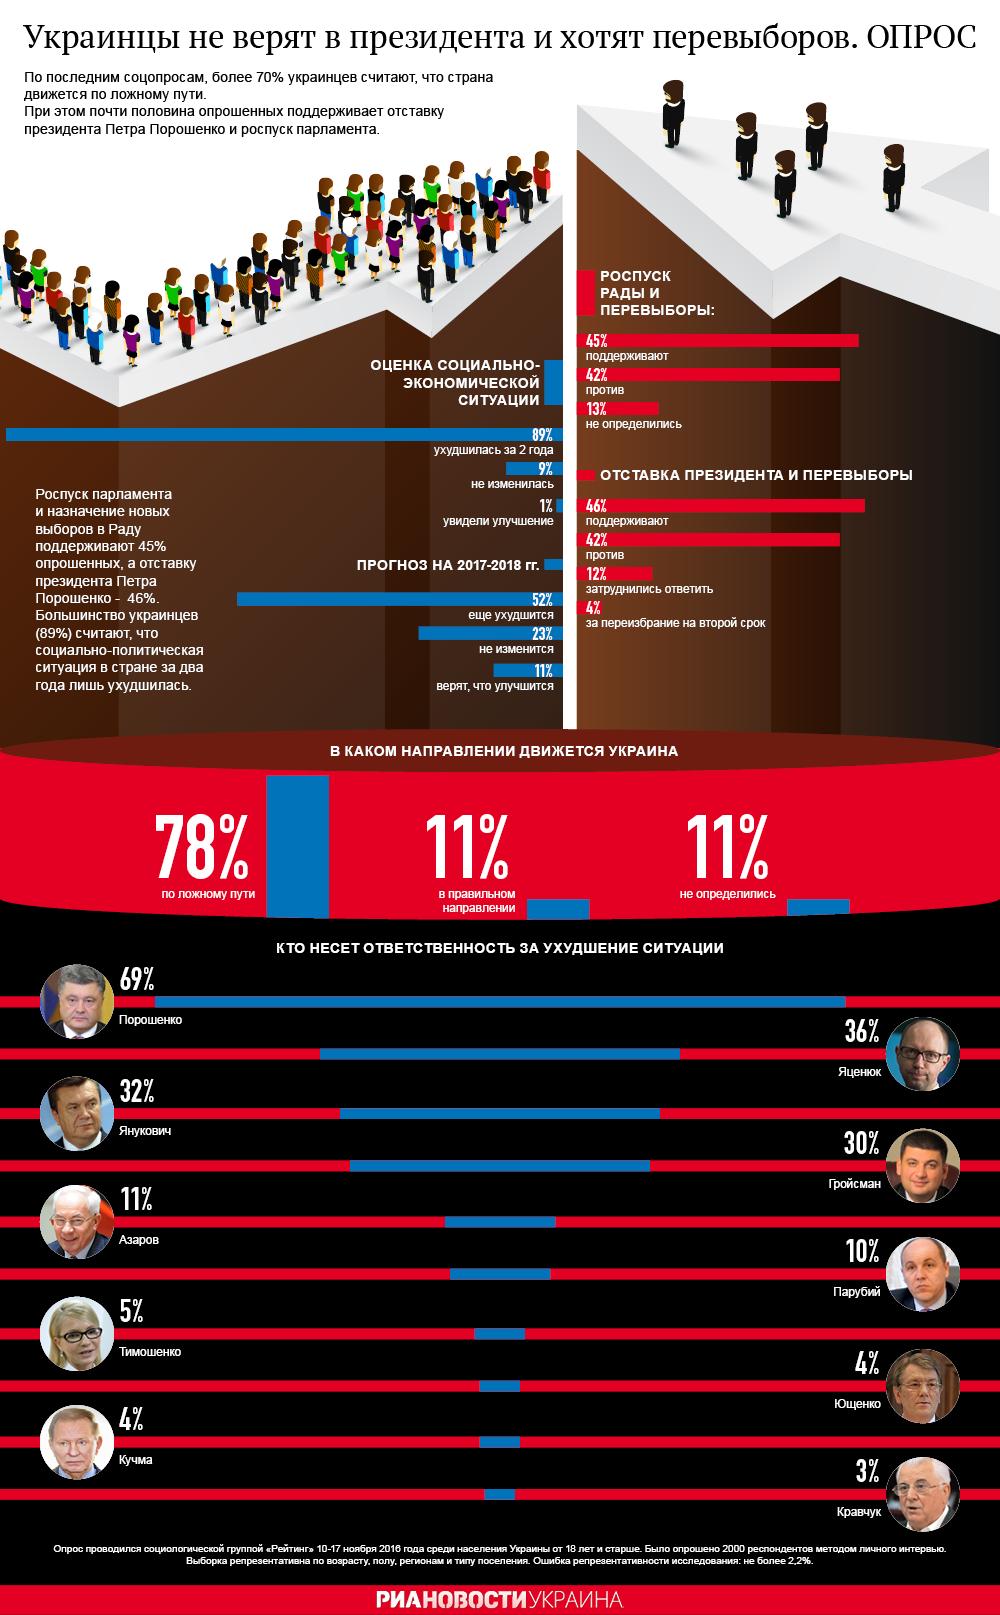 Украинцы не верят в президента и хотят перевыборов